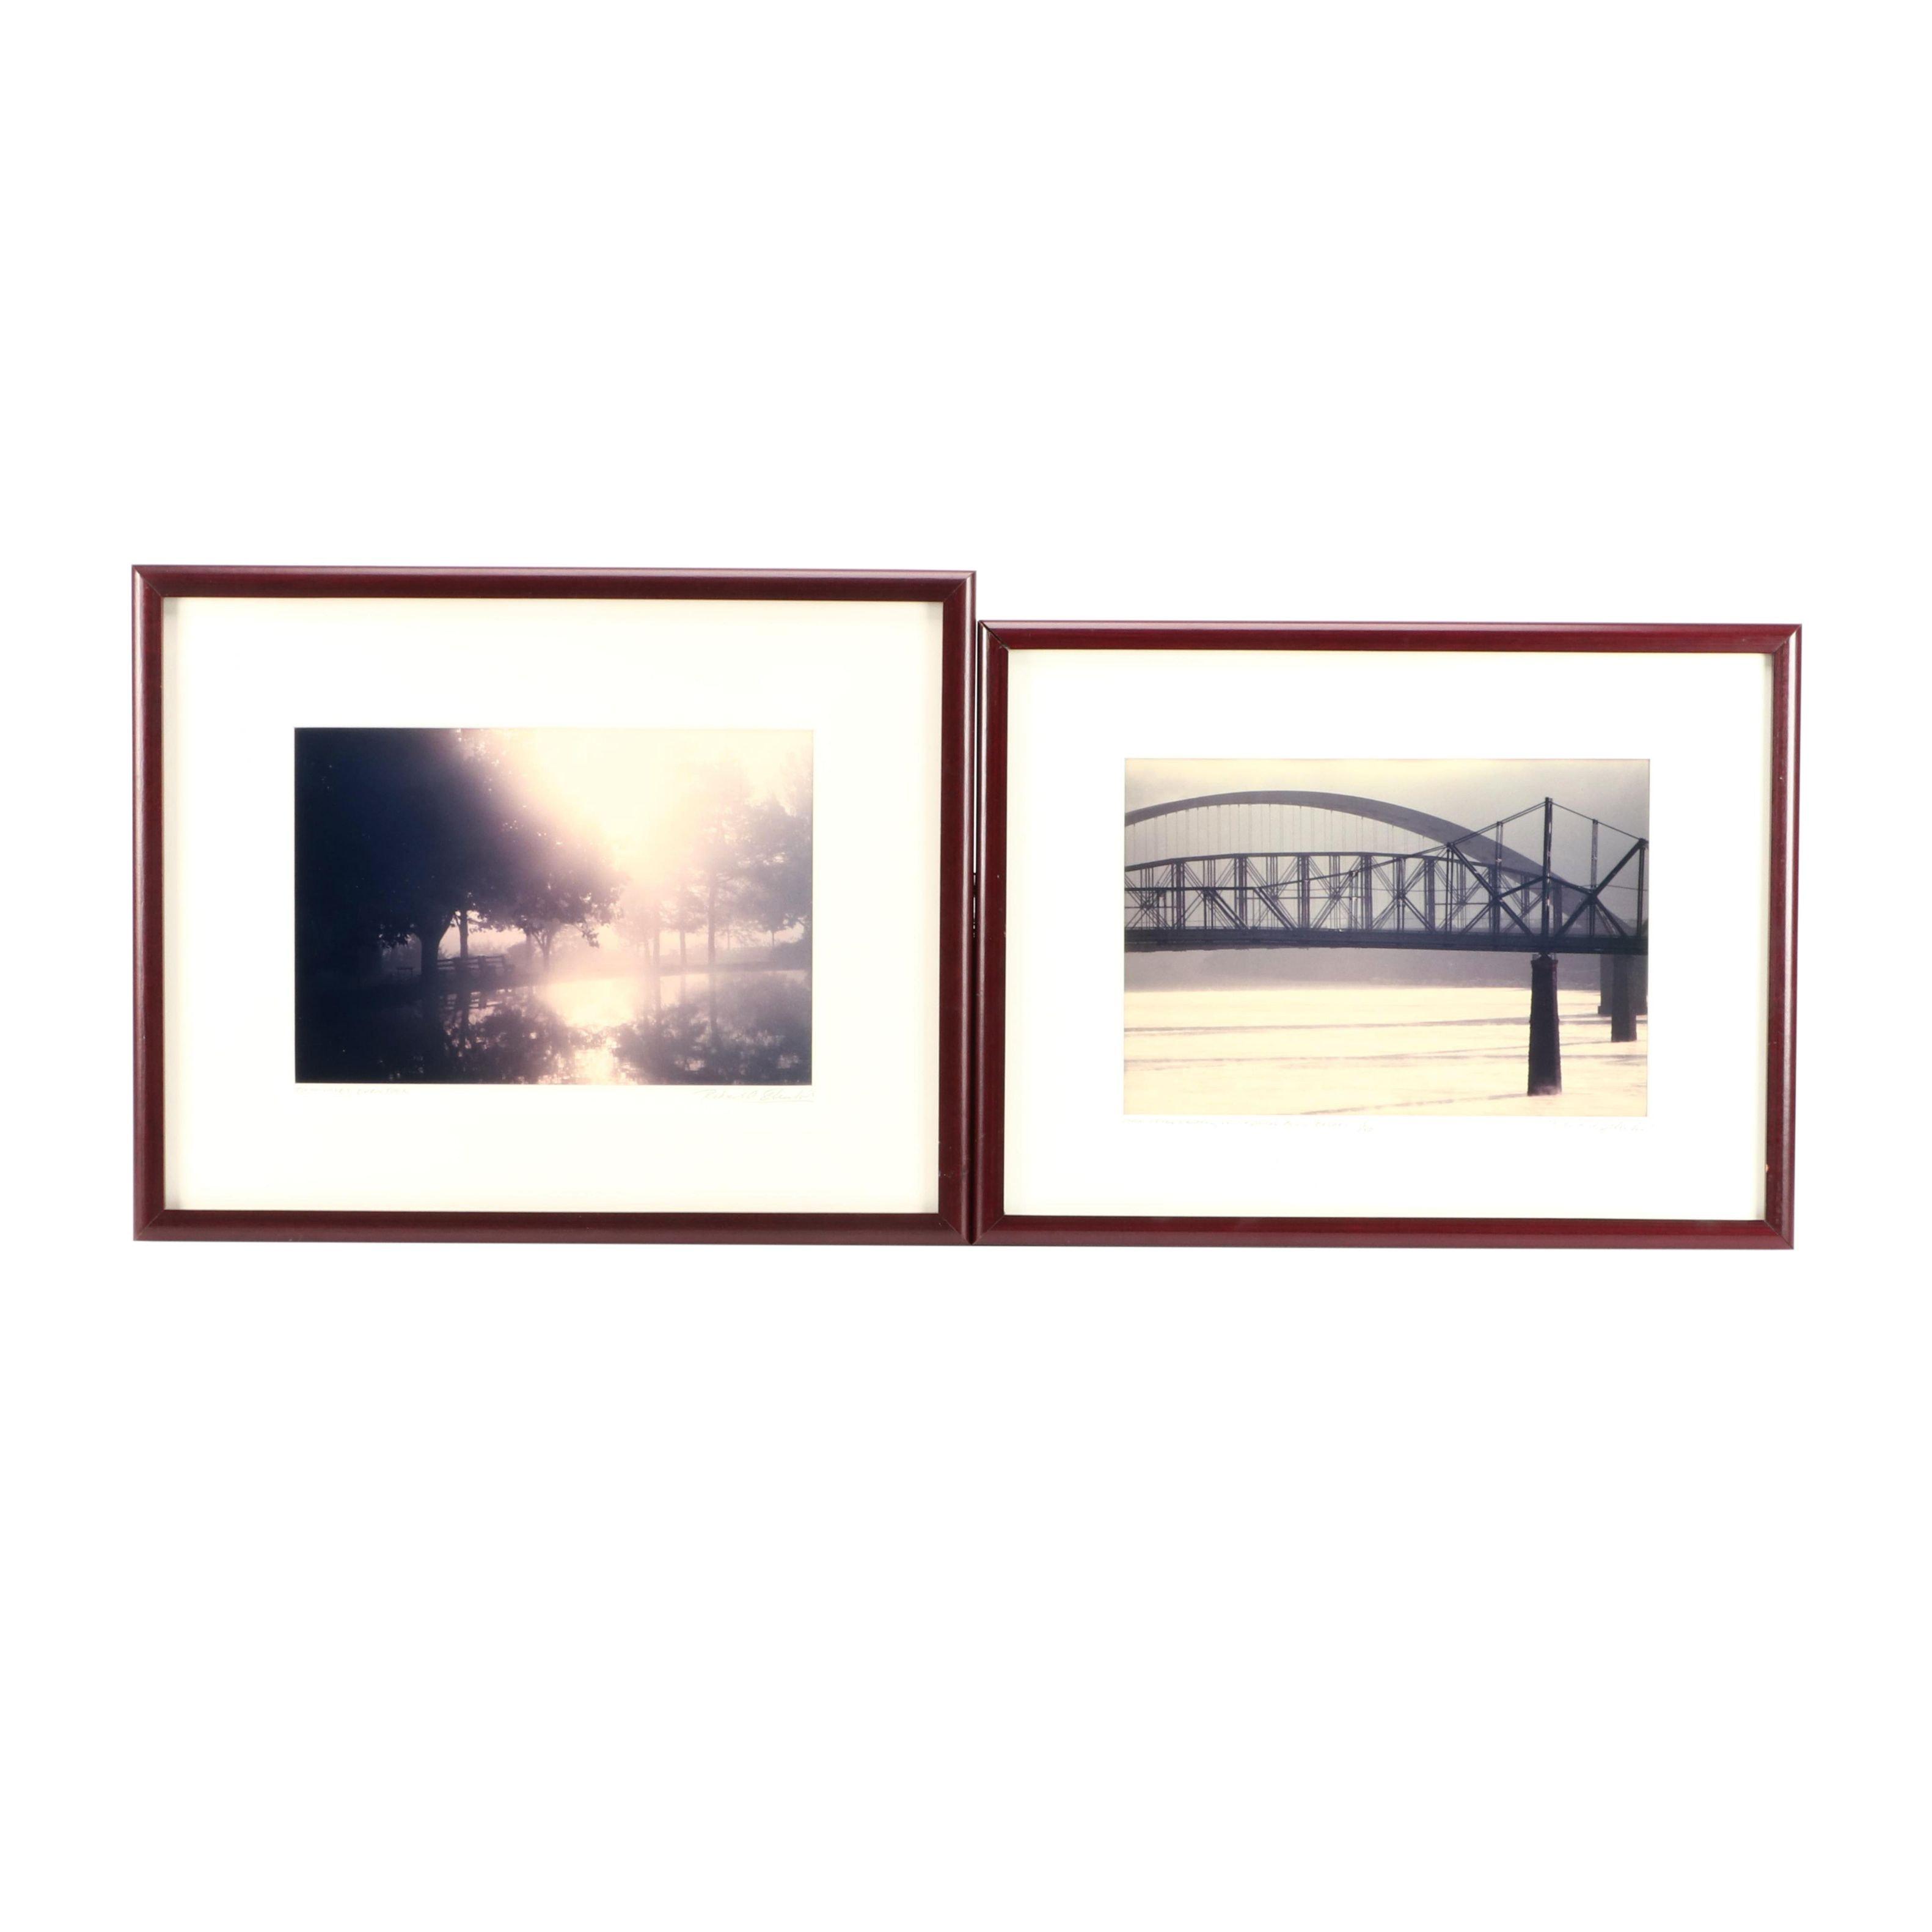 Robert Flischel Color Photographs of Cincinnati Landmarks